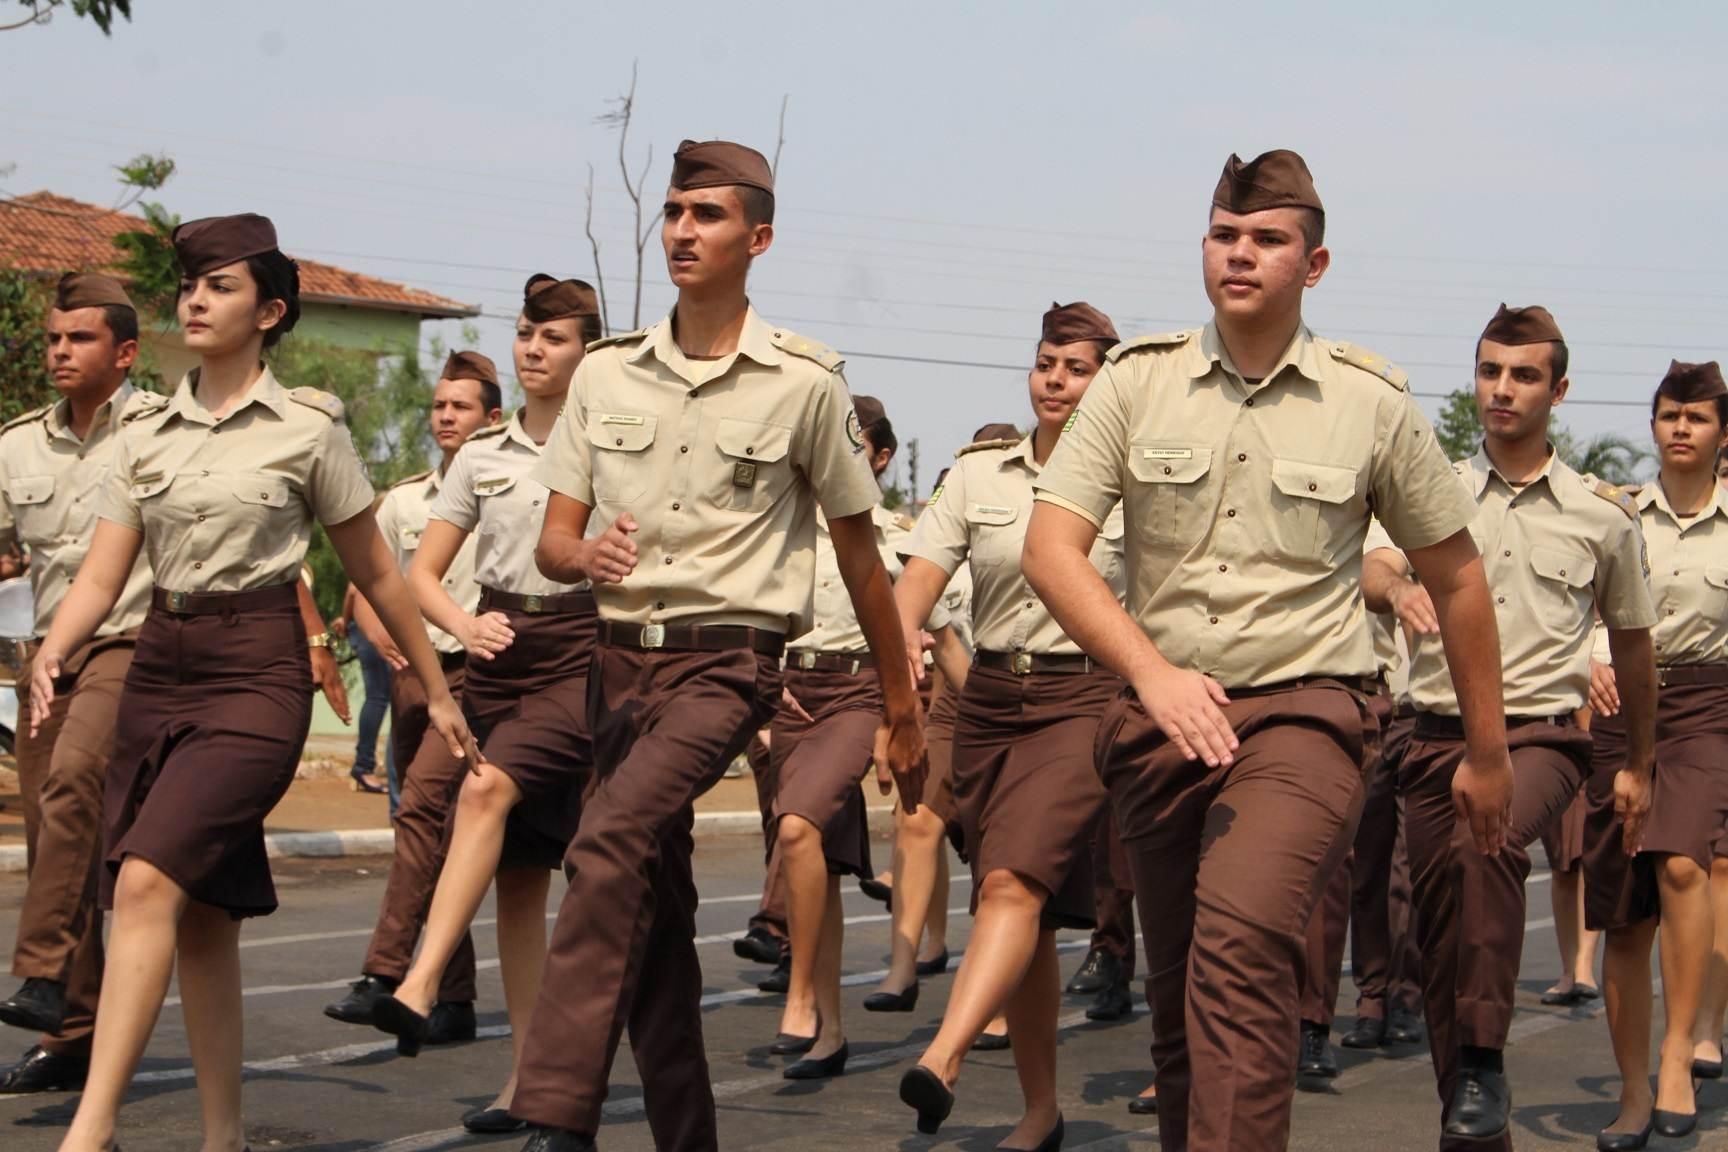 Número de Colégios Militares em Goiás aumentou nos últimos anos | Foto: Léo Iran